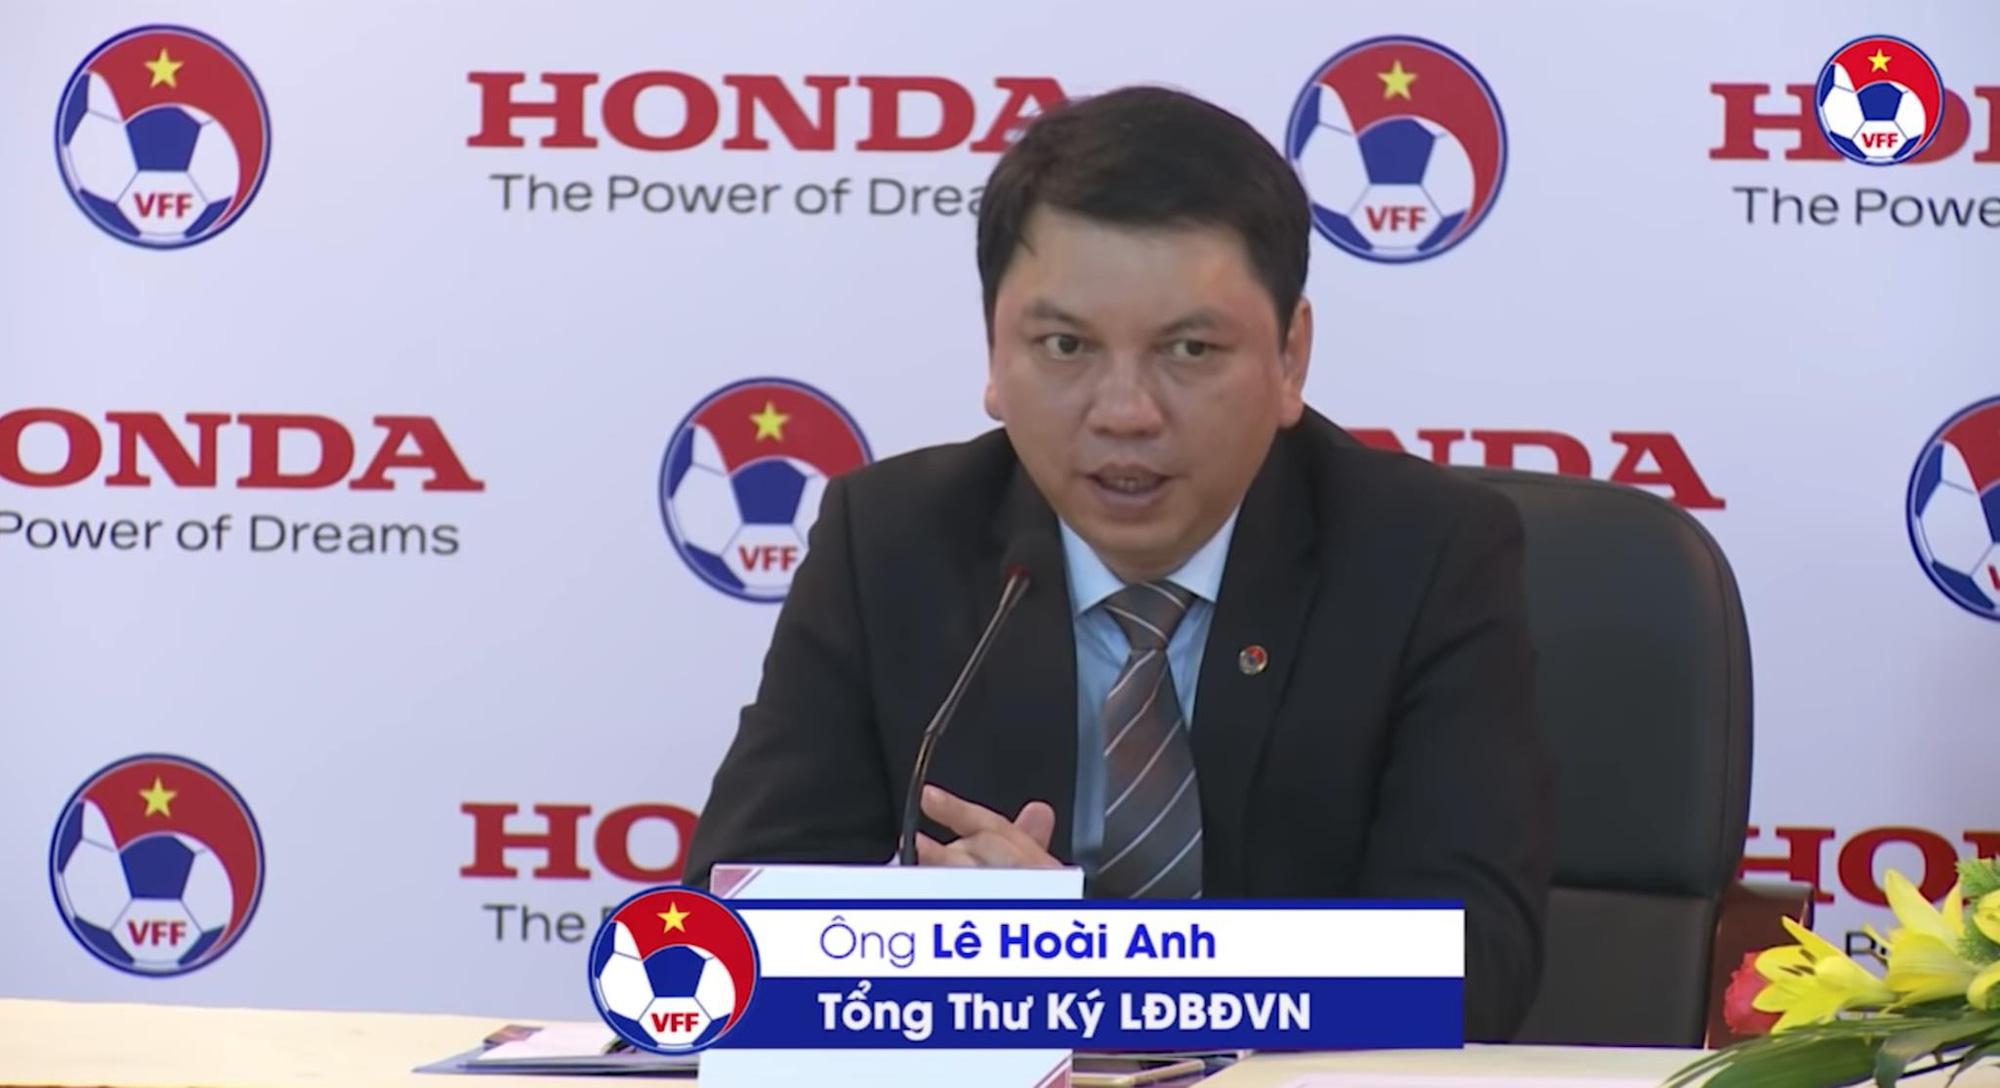 Honda Việt Nam tiếp tục đồng hành cùng nền bóng đá nước nhà - Ảnh 2.